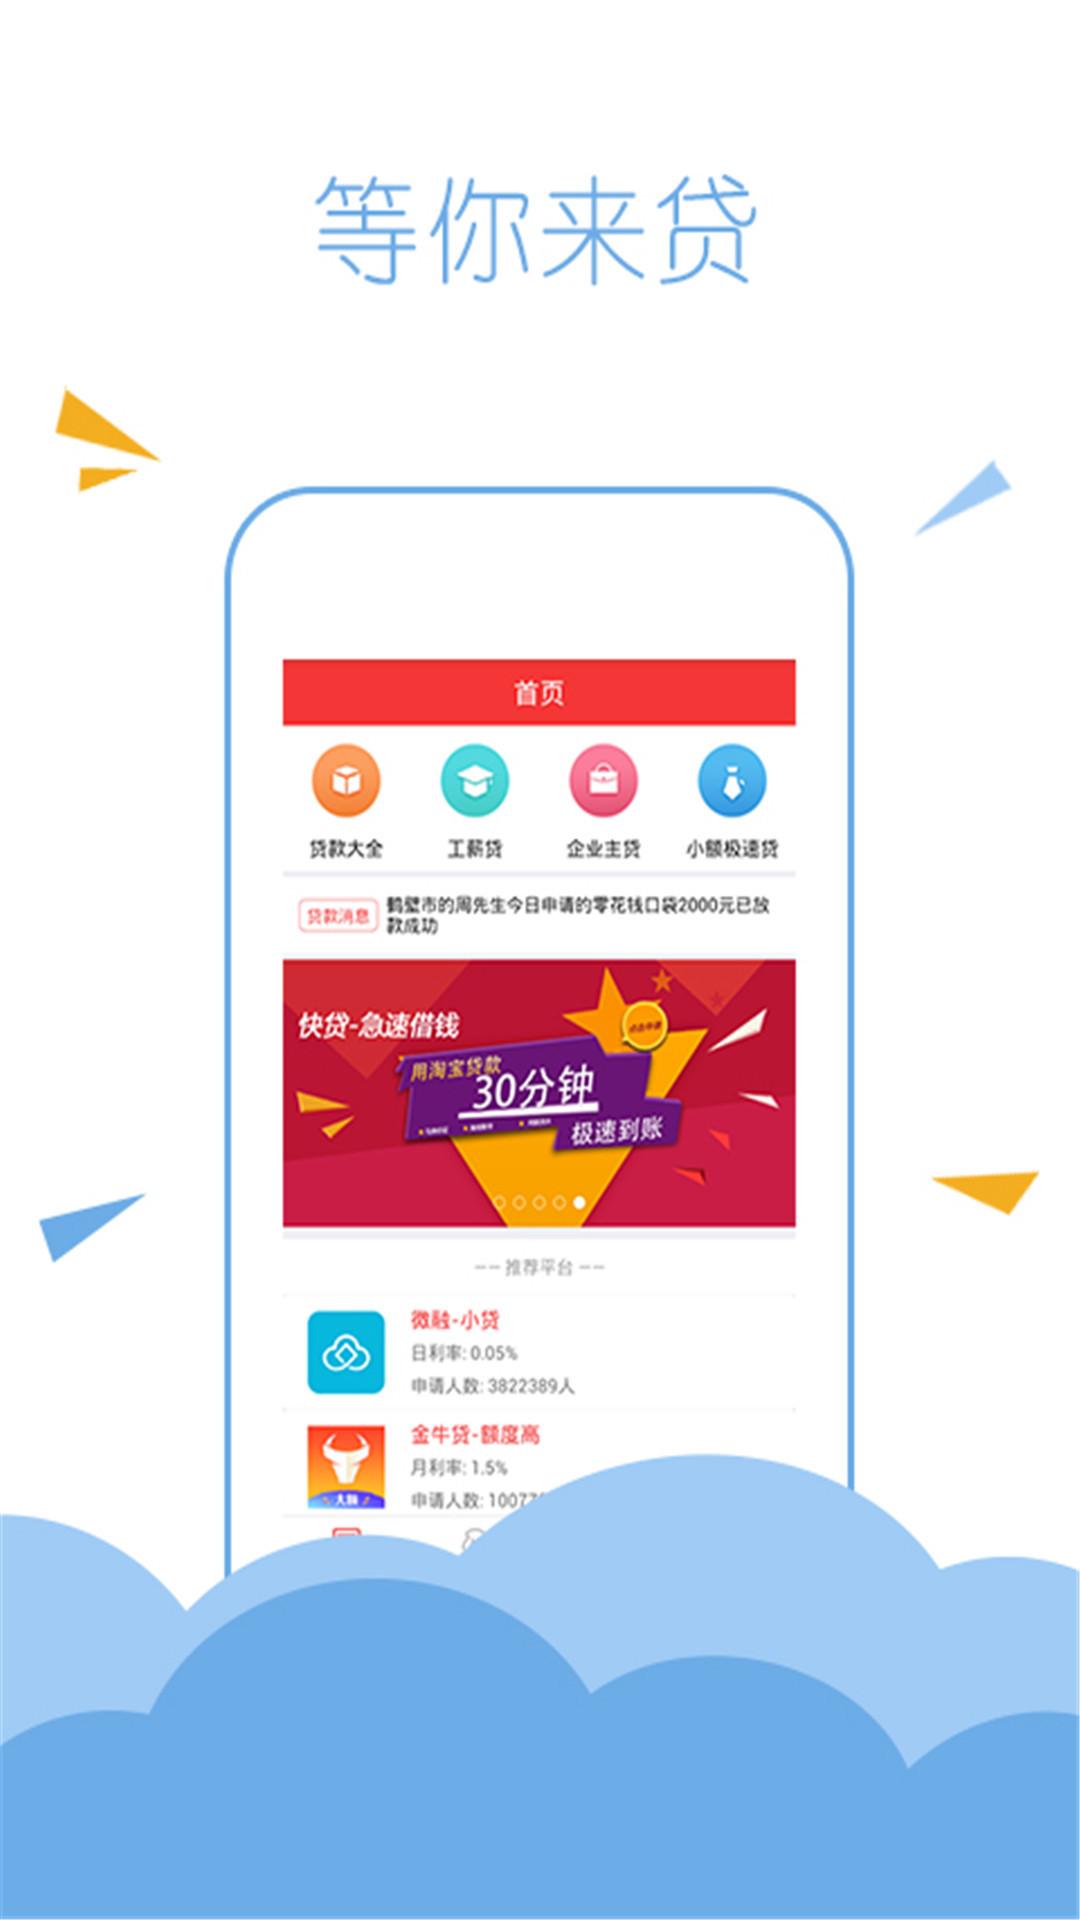 趣用贷款app手机版下载图片3_嗨客手机站